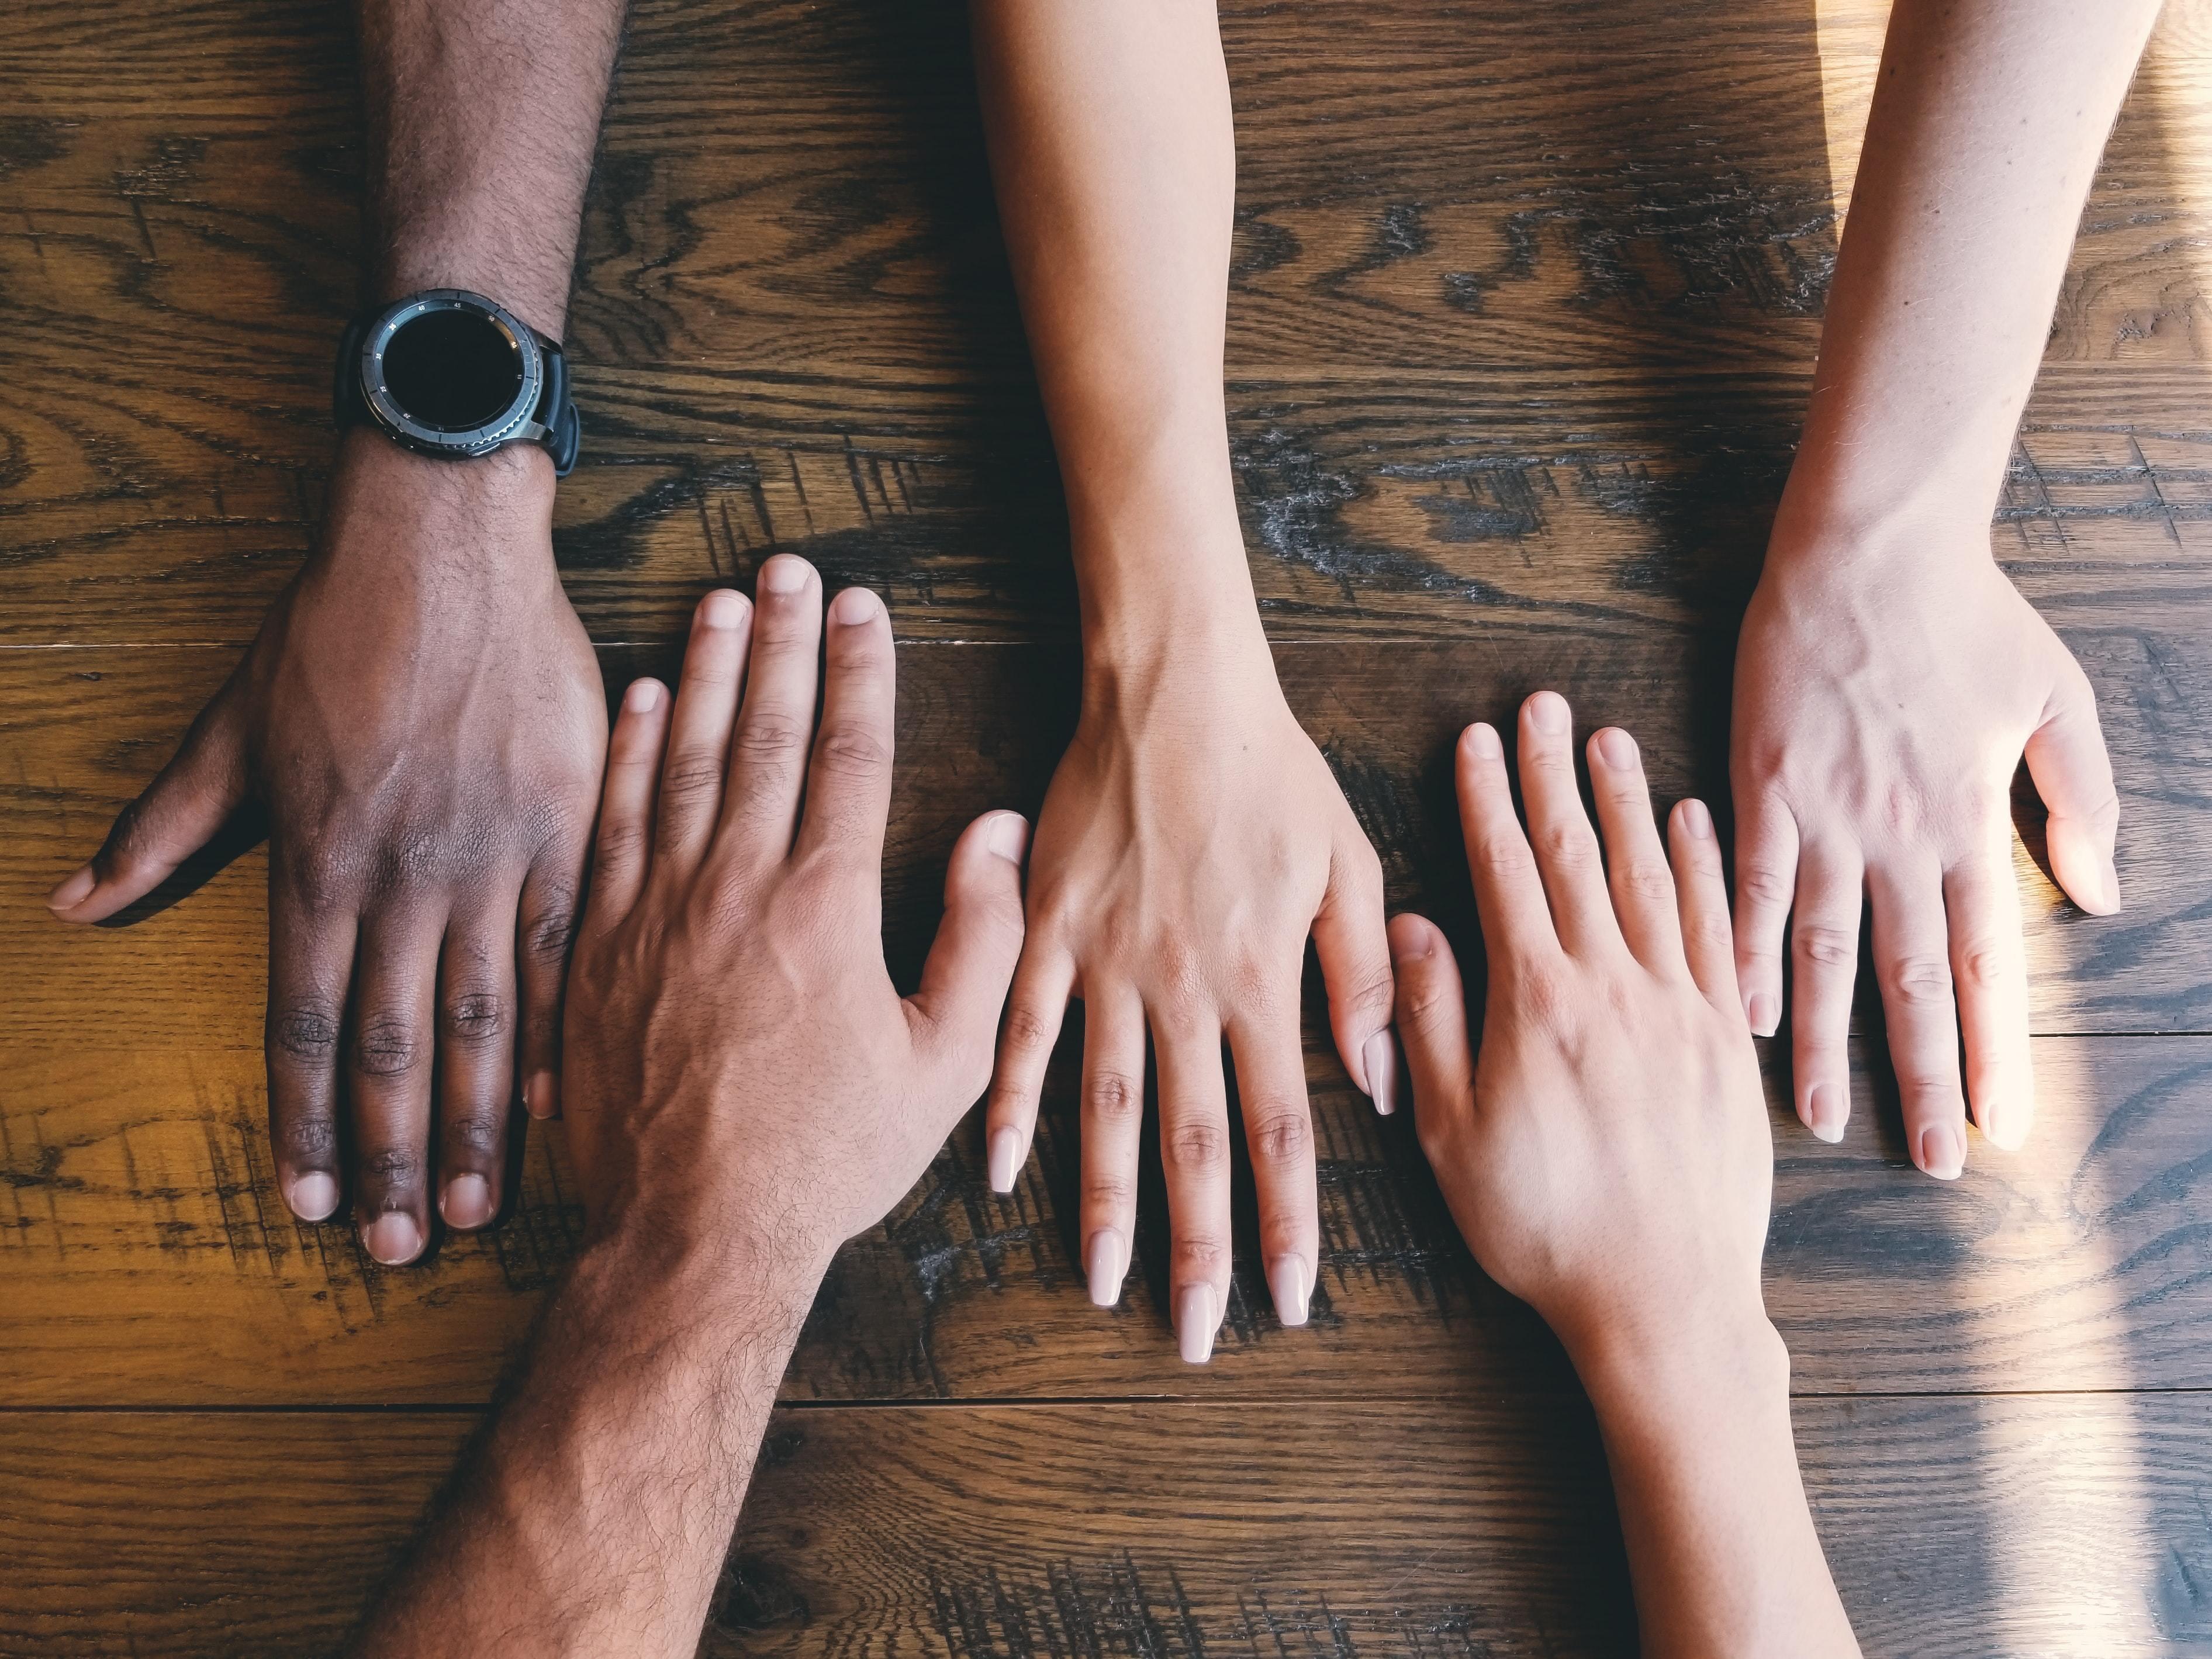 Five human hands